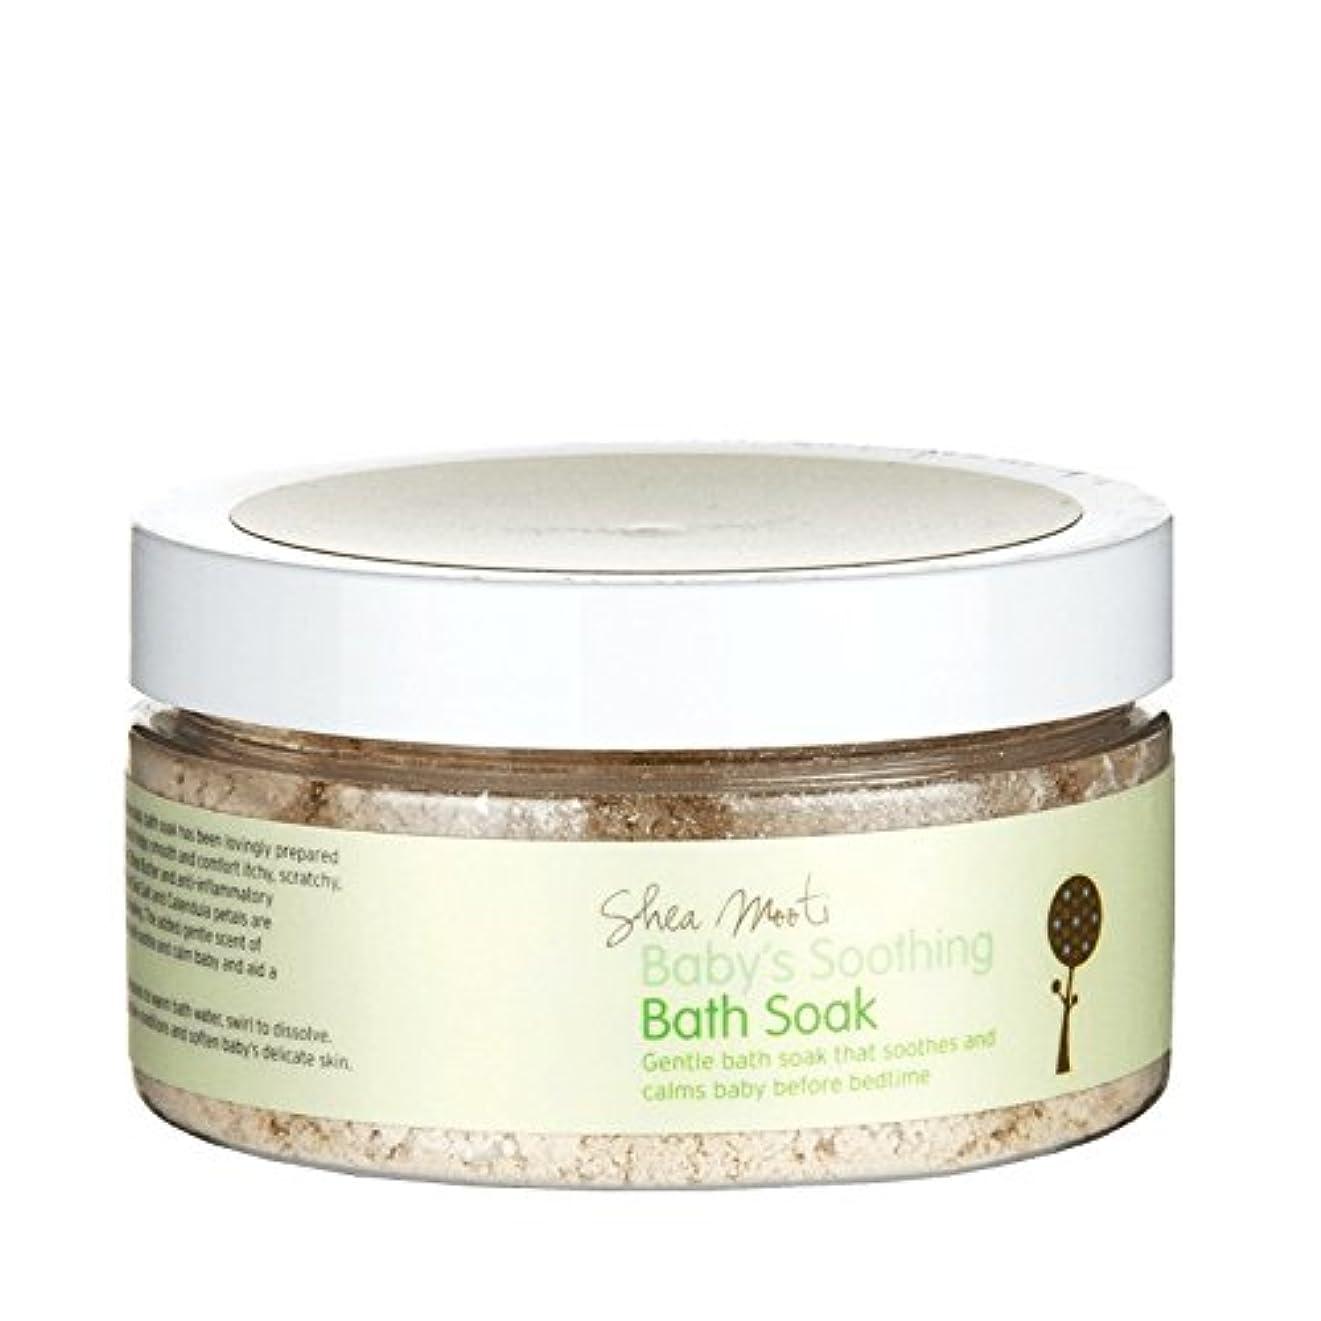 マルクス主義故障中安全性Shea Mooti Baby's Soothing Bath Soak 130g (Pack of 2) - シアバターMooti赤ちゃんの癒しのお風呂は、130グラムを浸し (x2) [並行輸入品]